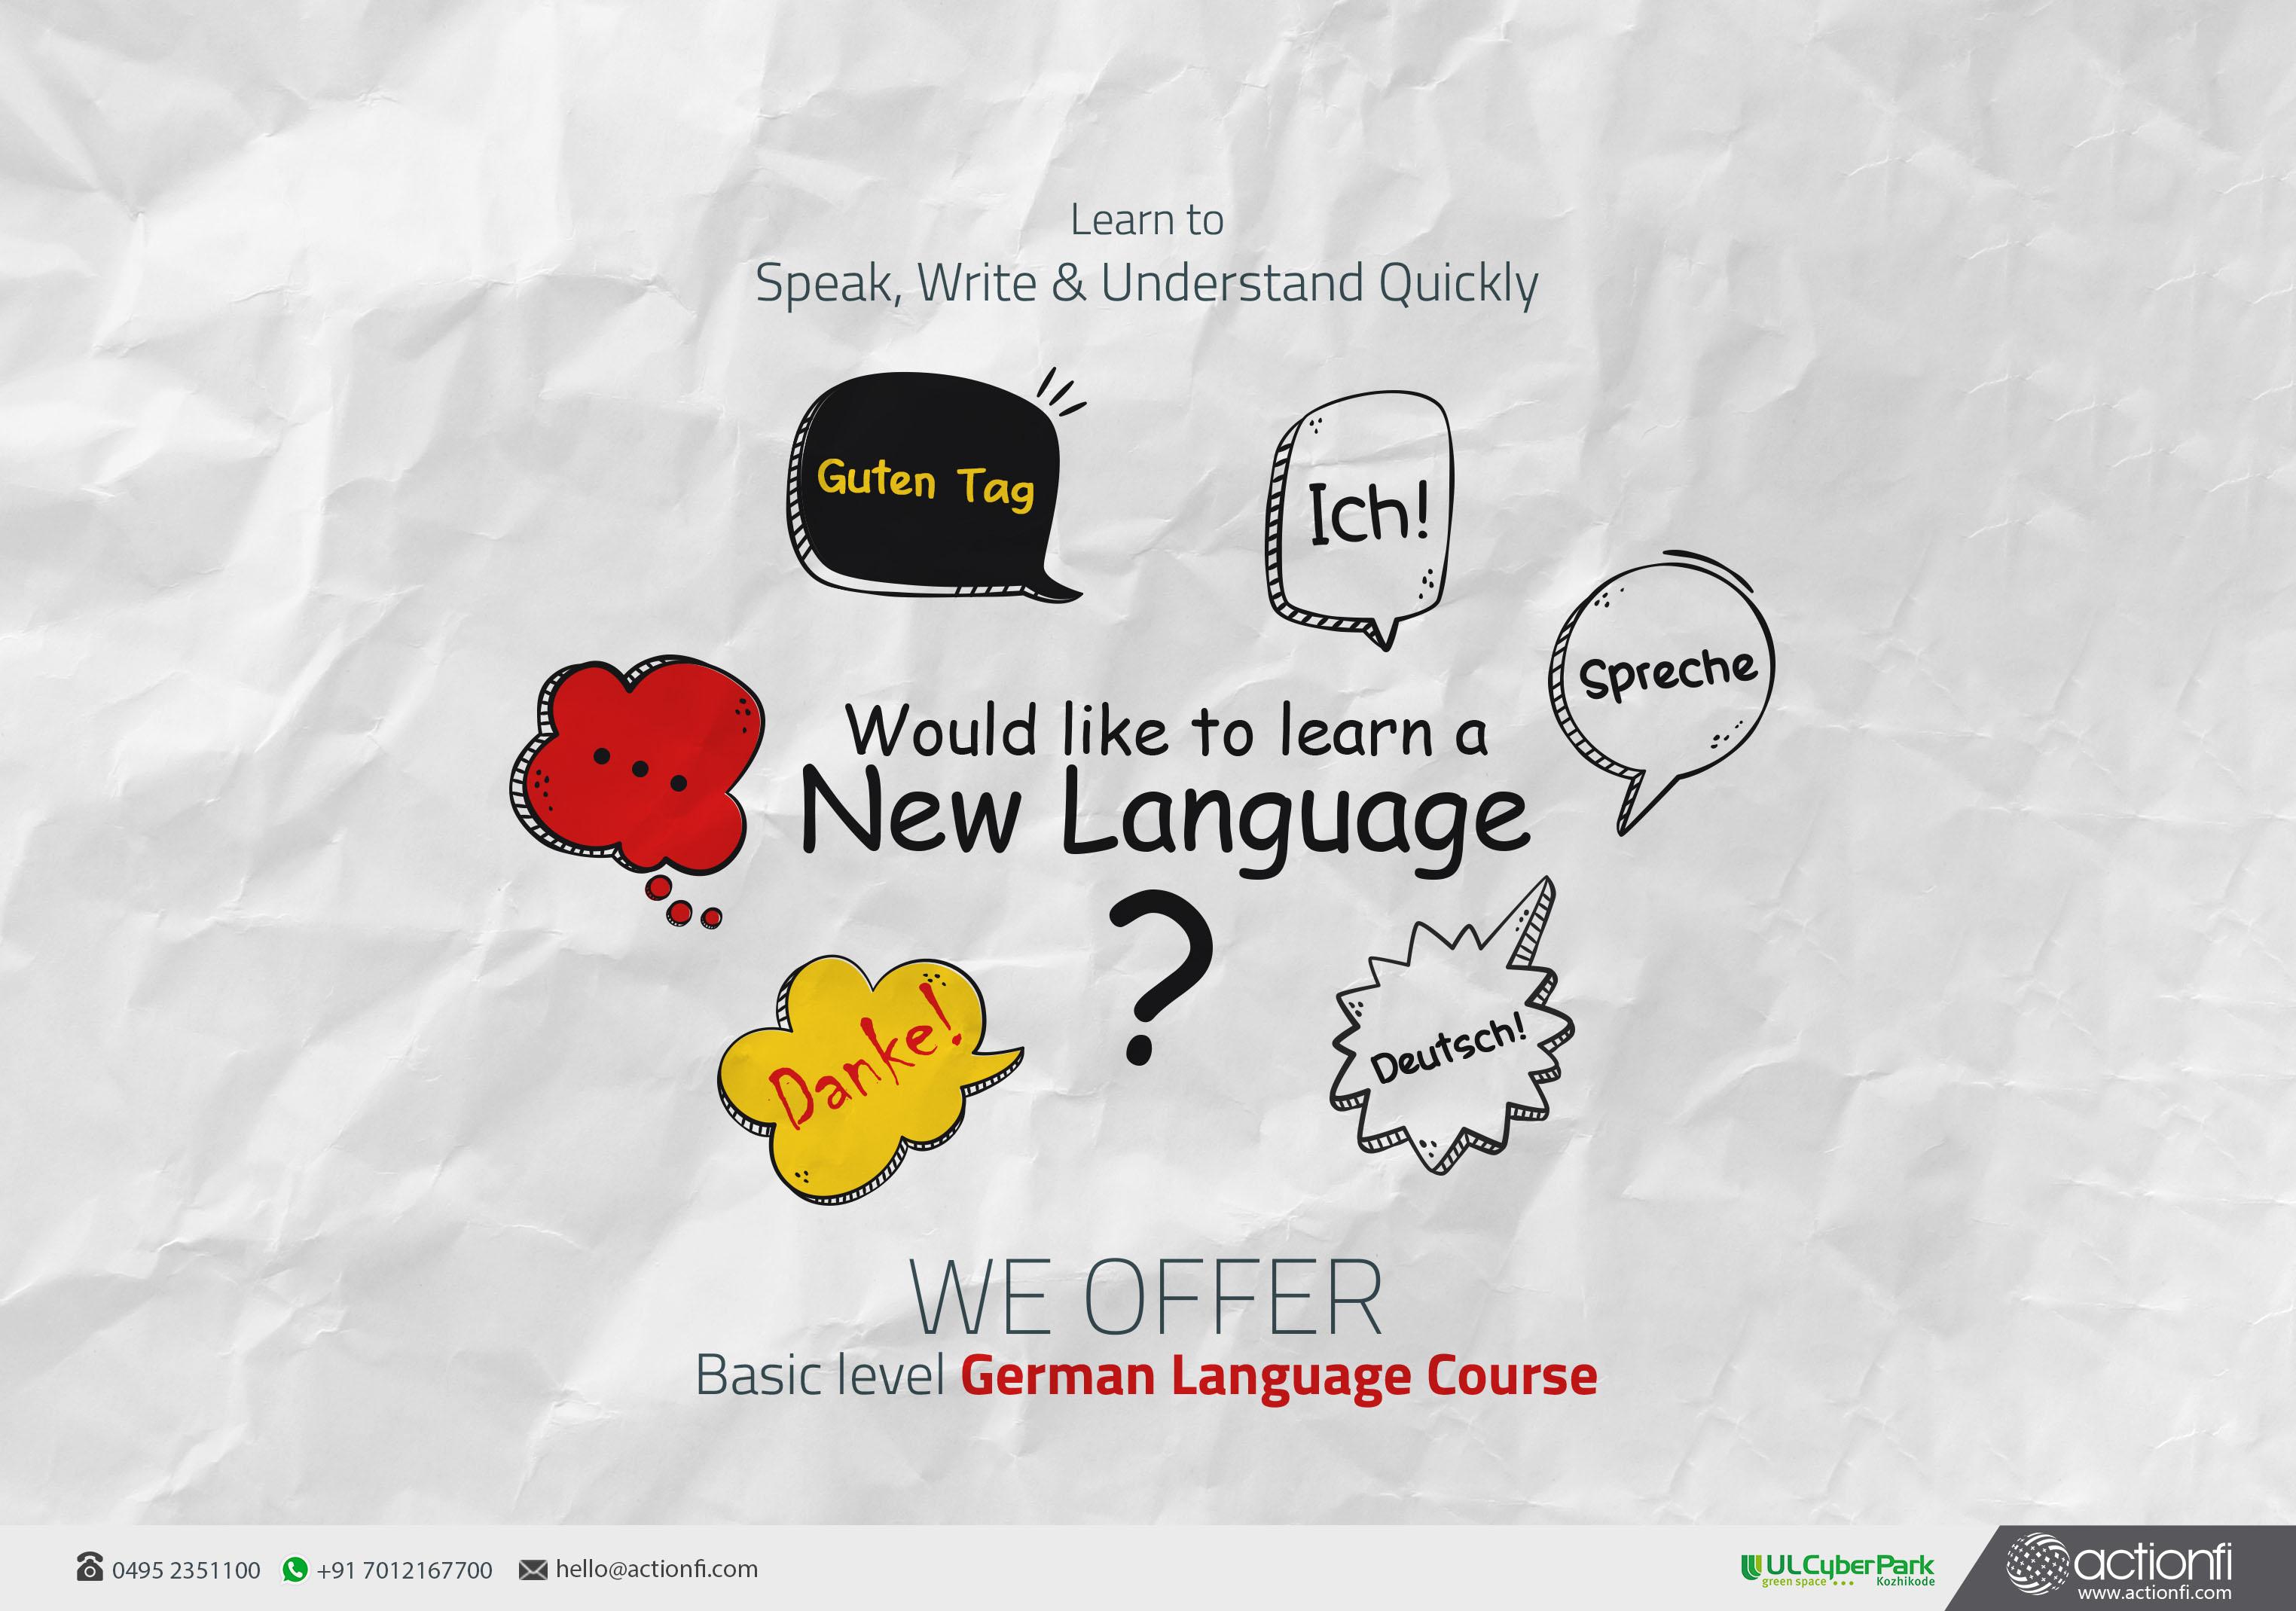 Geraman language basic